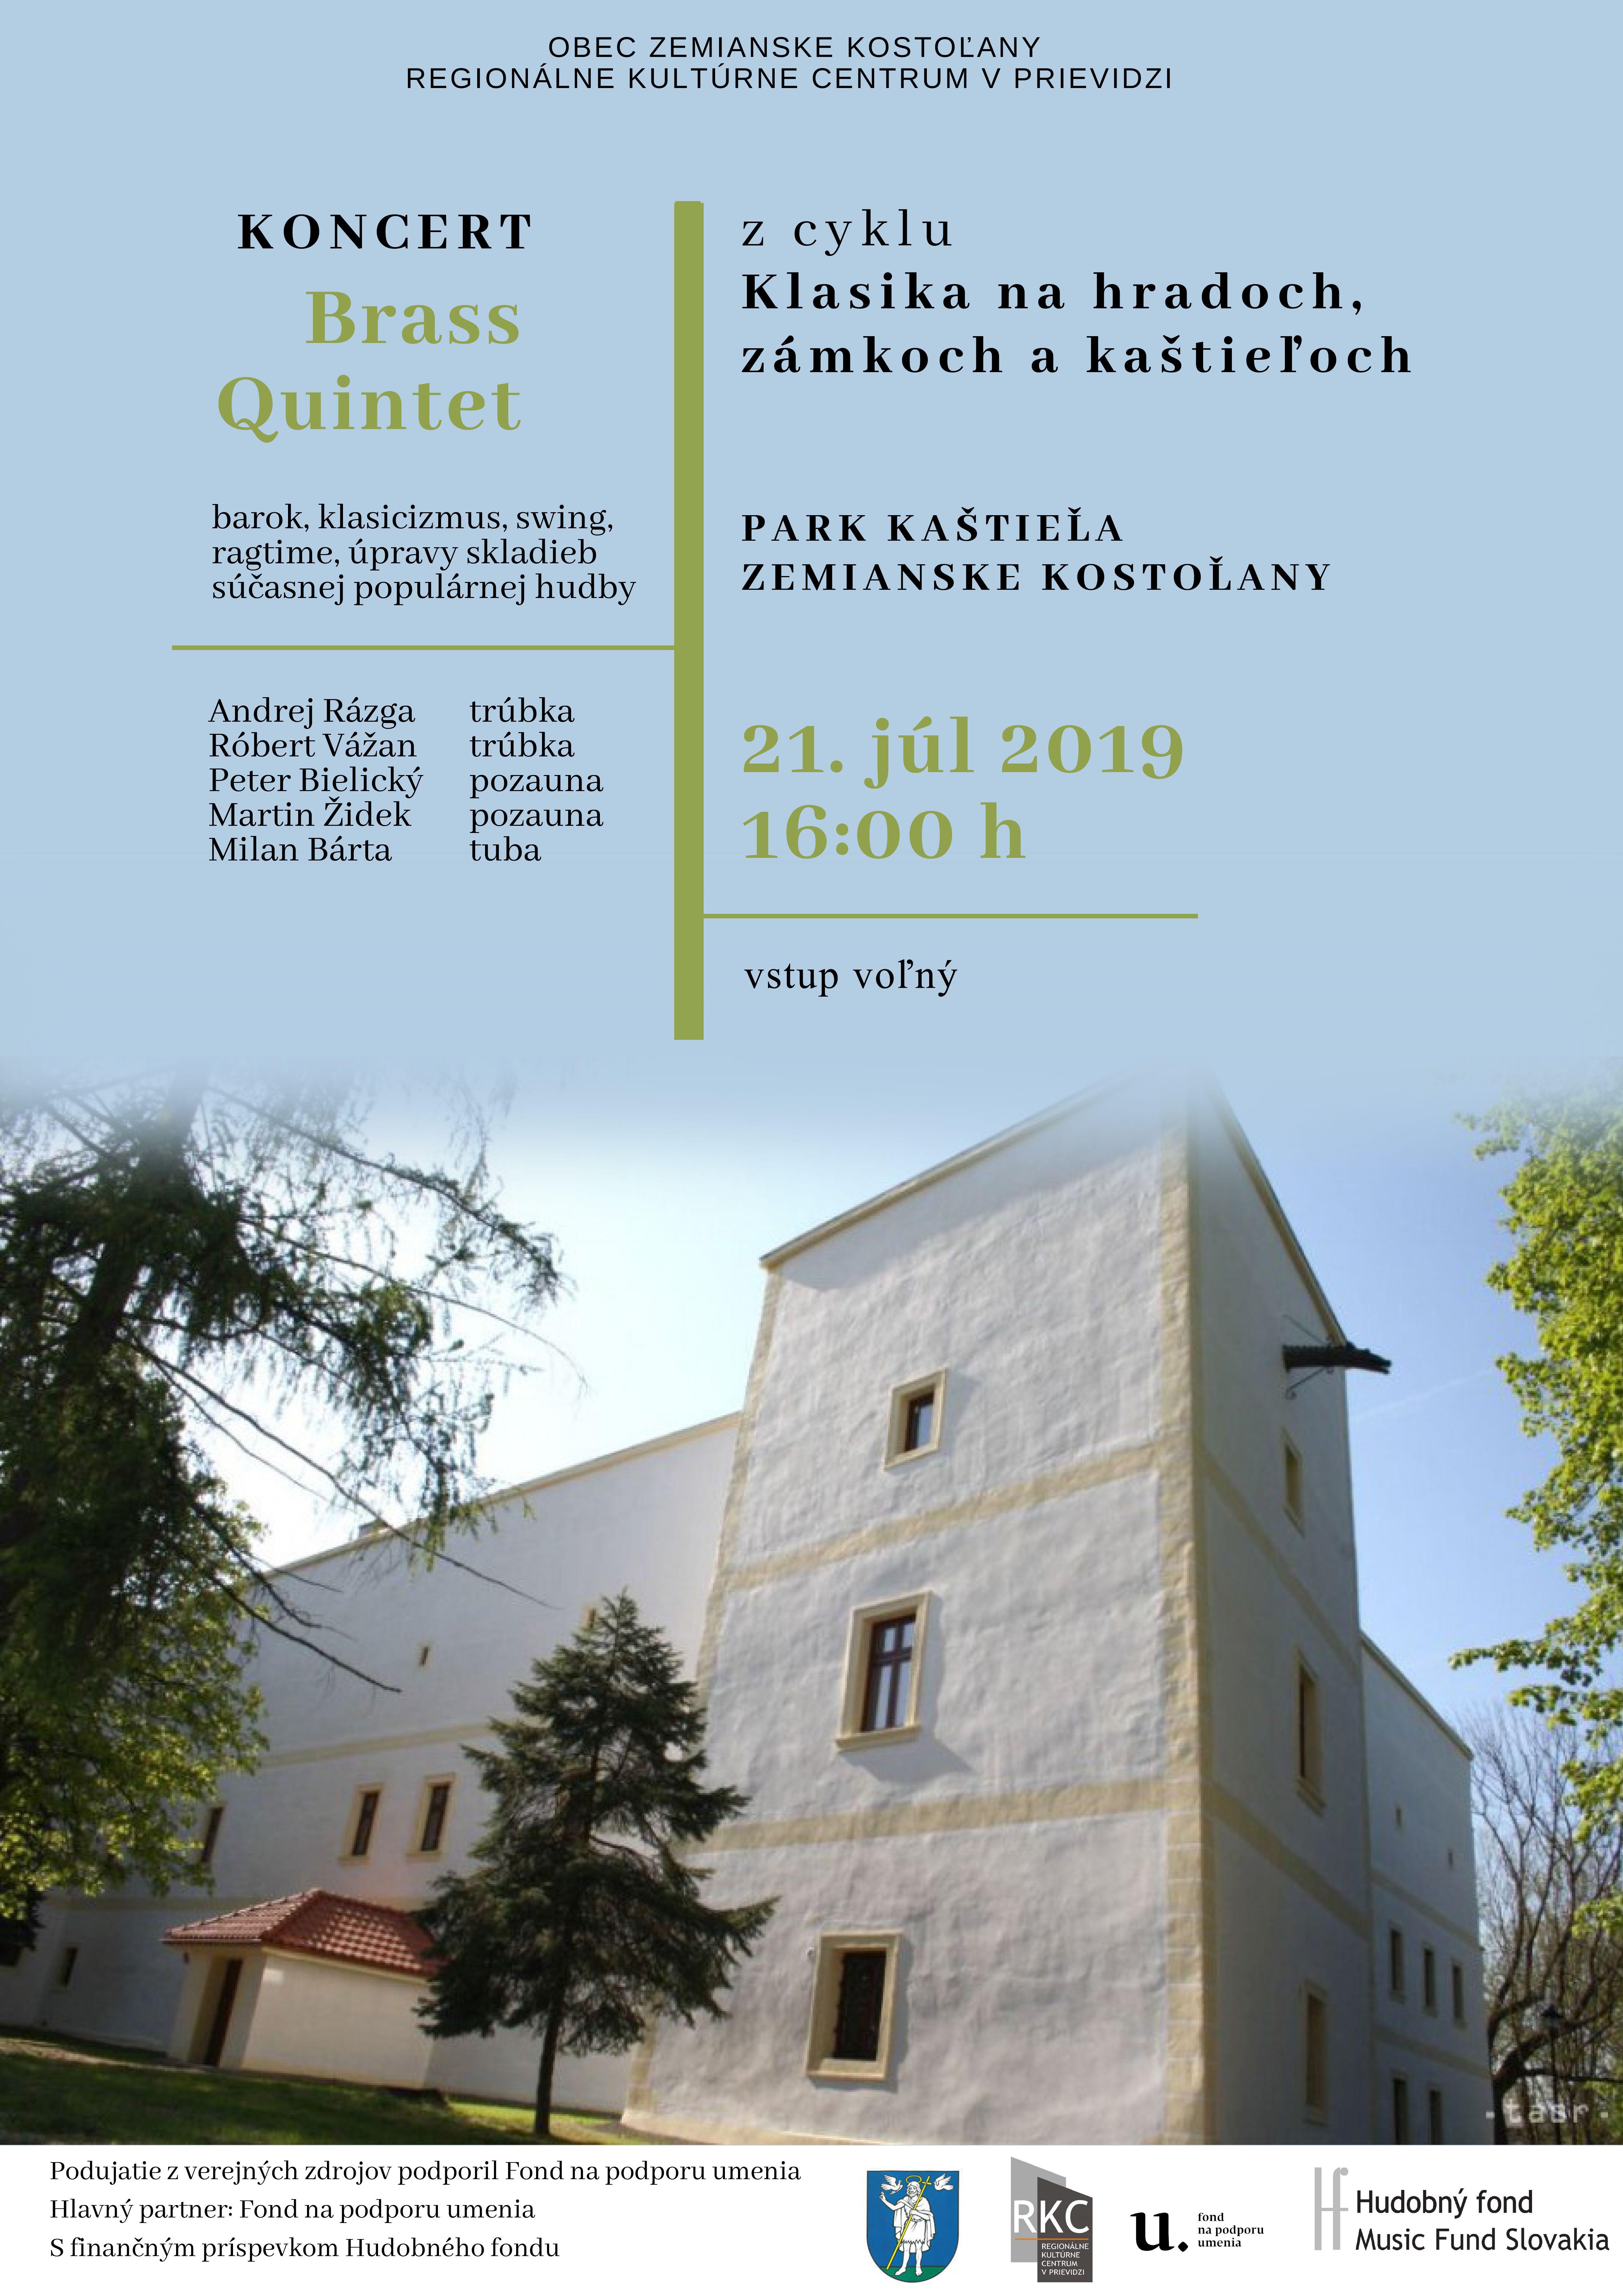 Klasika na zámkoch, hradoch a kaštieľoch - Brass Quintet